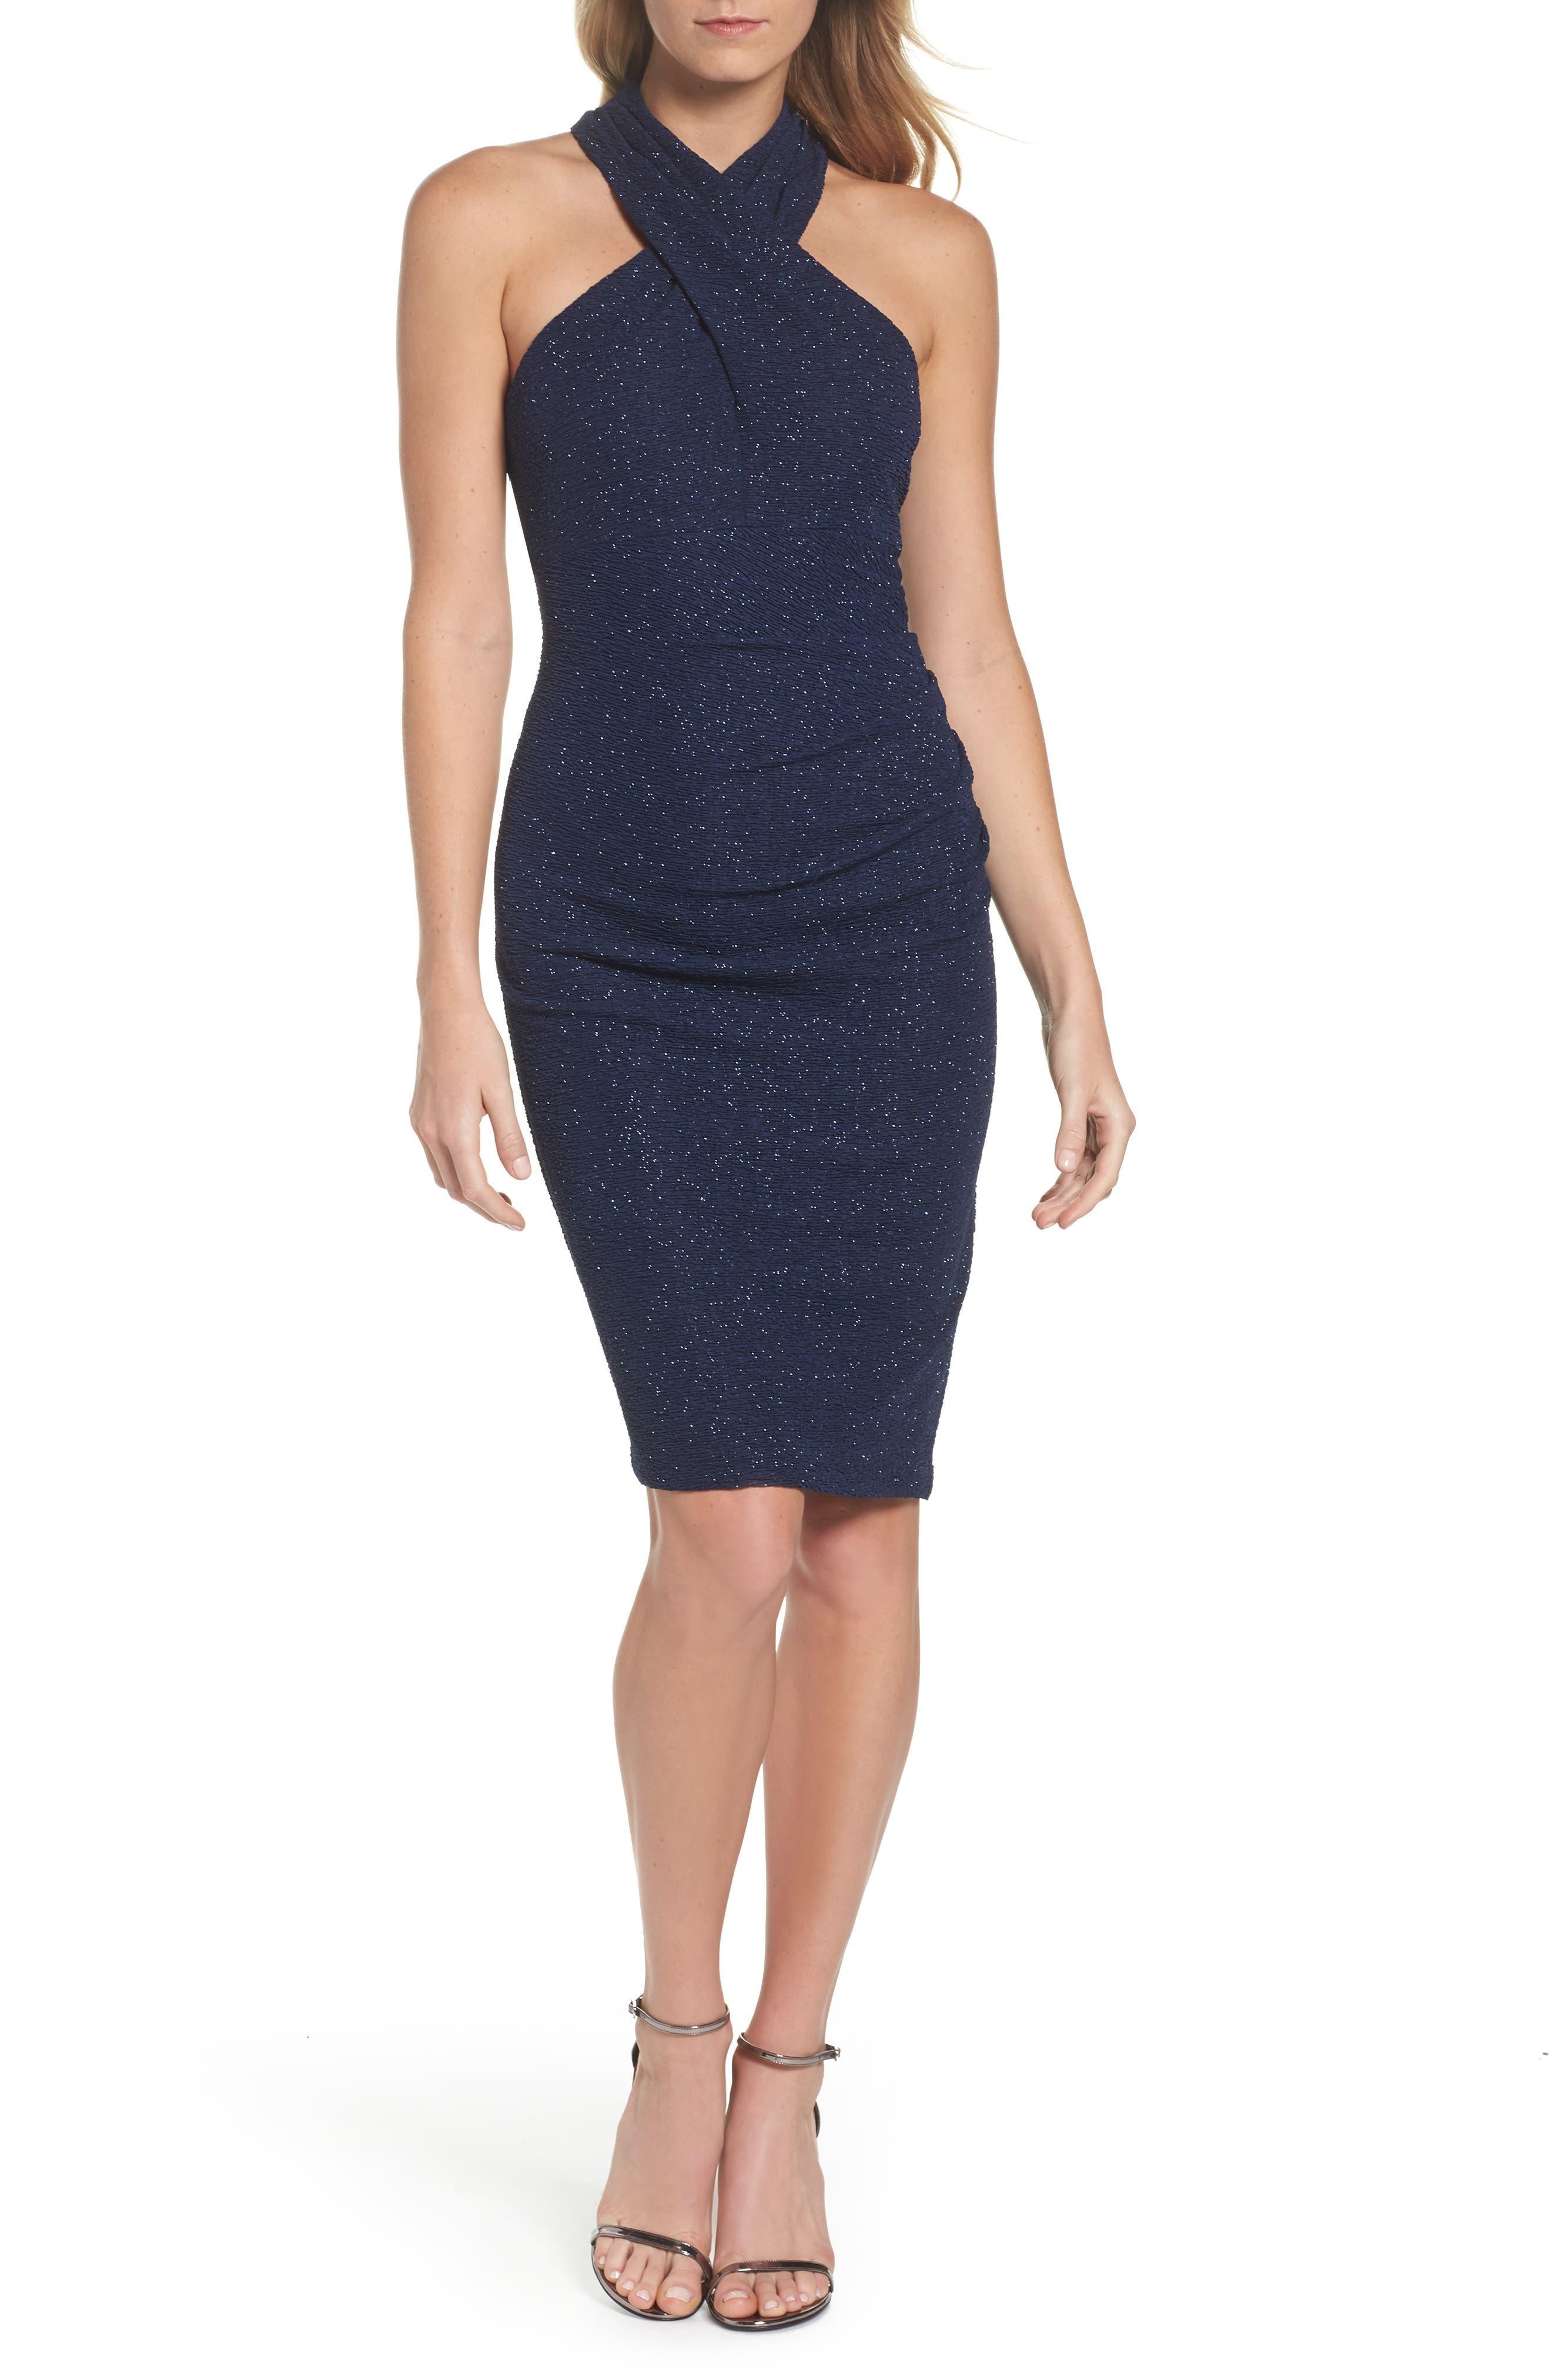 Midnight Blue Halter Dress